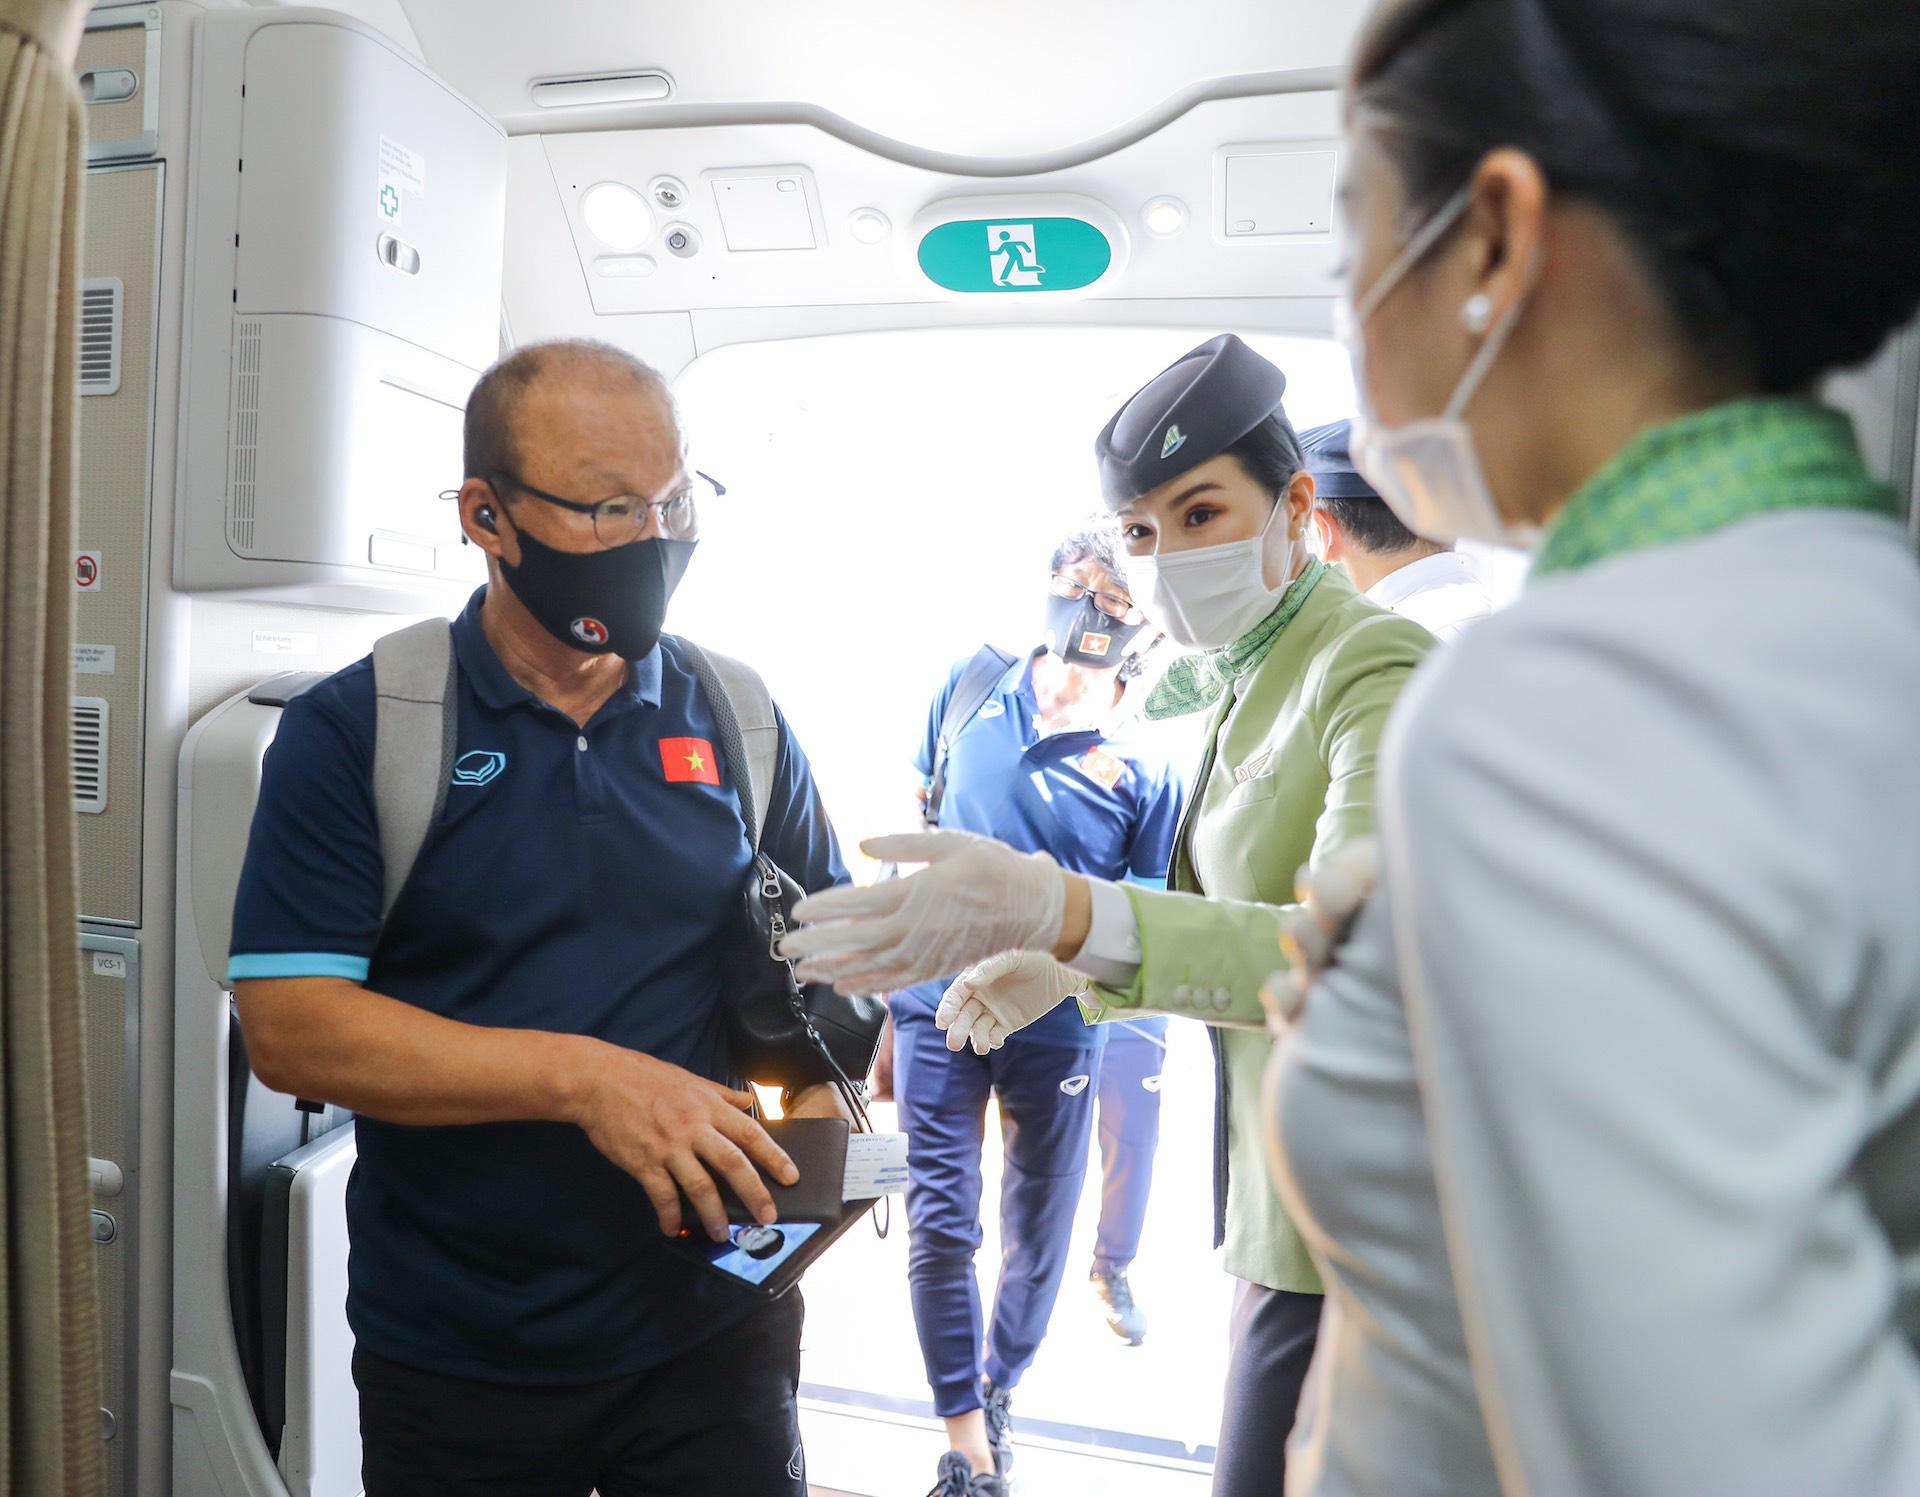 HLV Park Hang-seo cùng các học trò bay thẳng tới UAE trên chuyên cơ Bamboo Airways dự vòng loại World Cup 2022 - Ảnh 6.